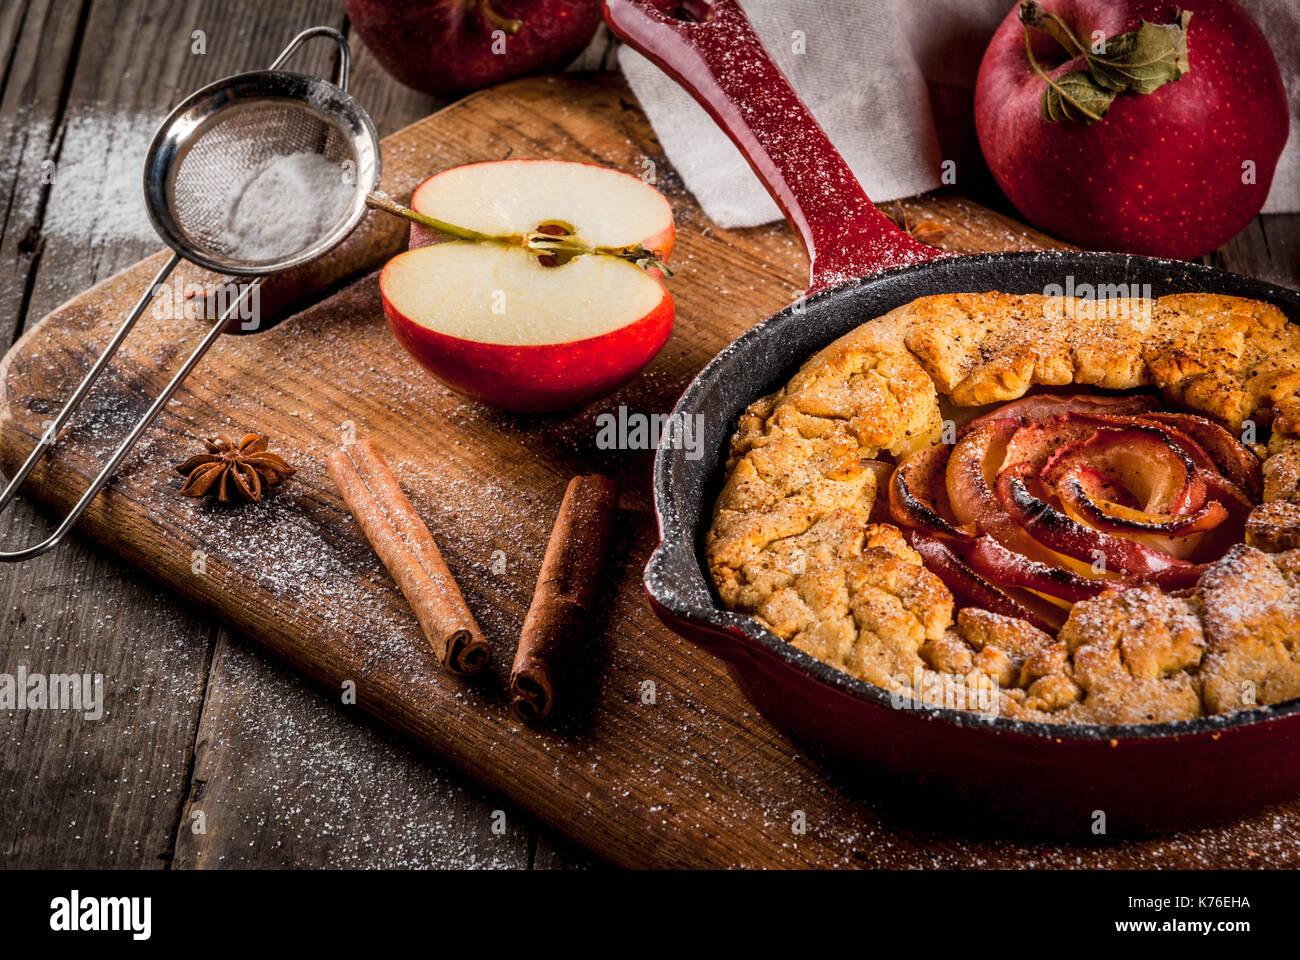 Traditionelle herbst Backen, Rezepte für Thanksgiving, hausgemachtem Vollkorn galette Apple Pie mit Bio Apfel und Zimt, in Gusseisen Pfanne, alte Woo Stockbild